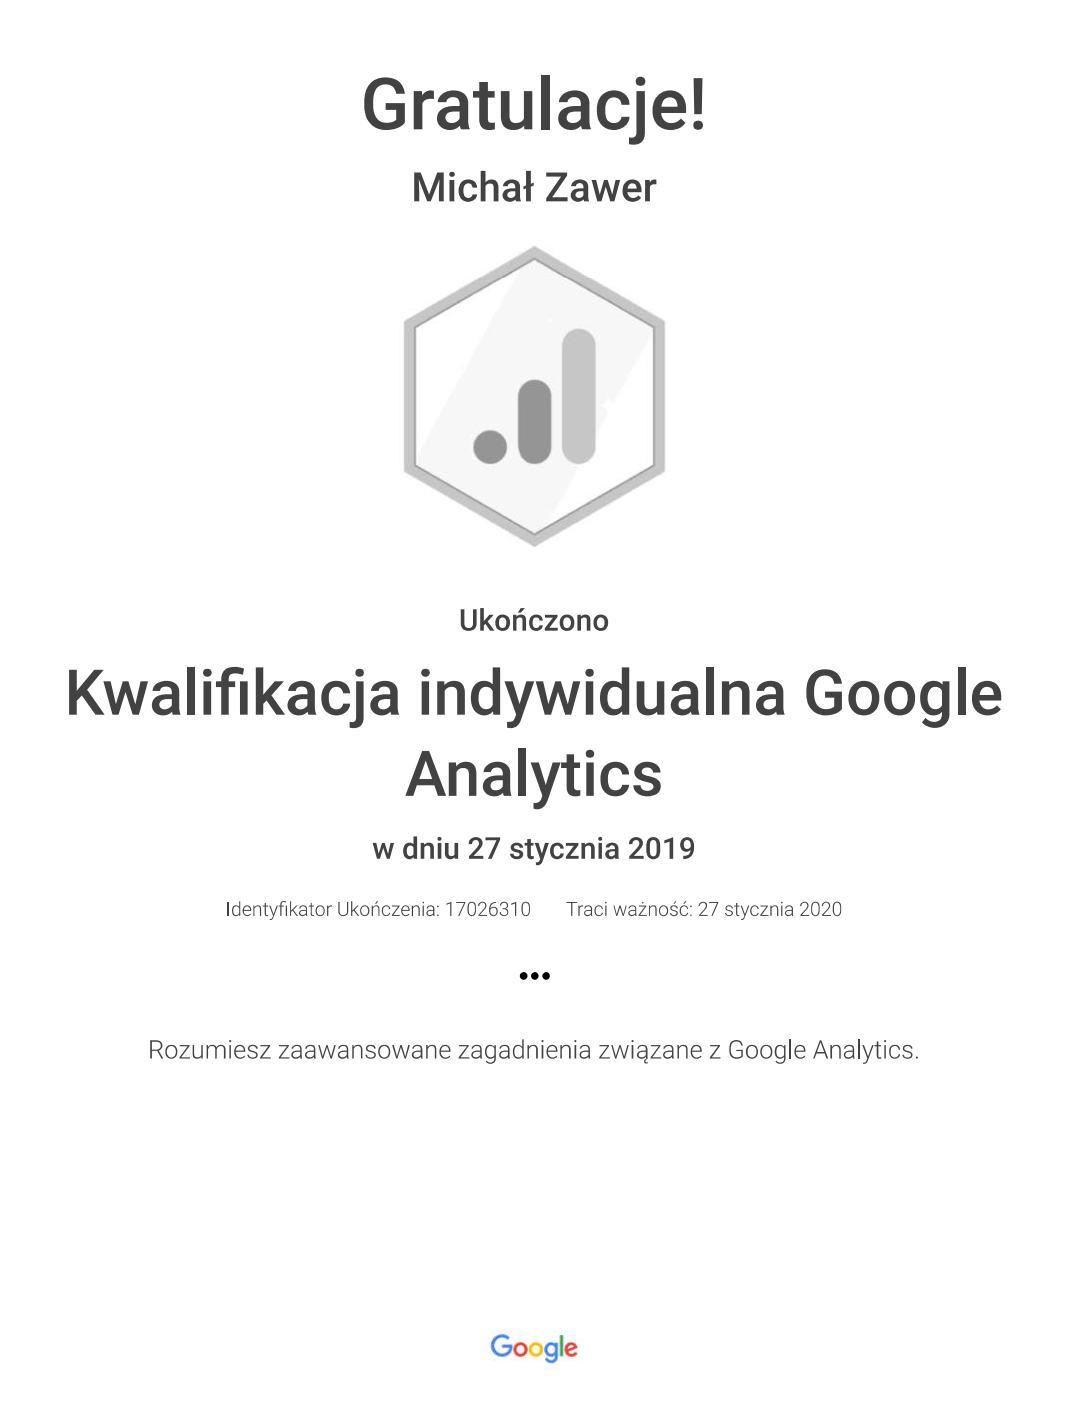 kwalifikacja_indywidualna_google_analytics_2